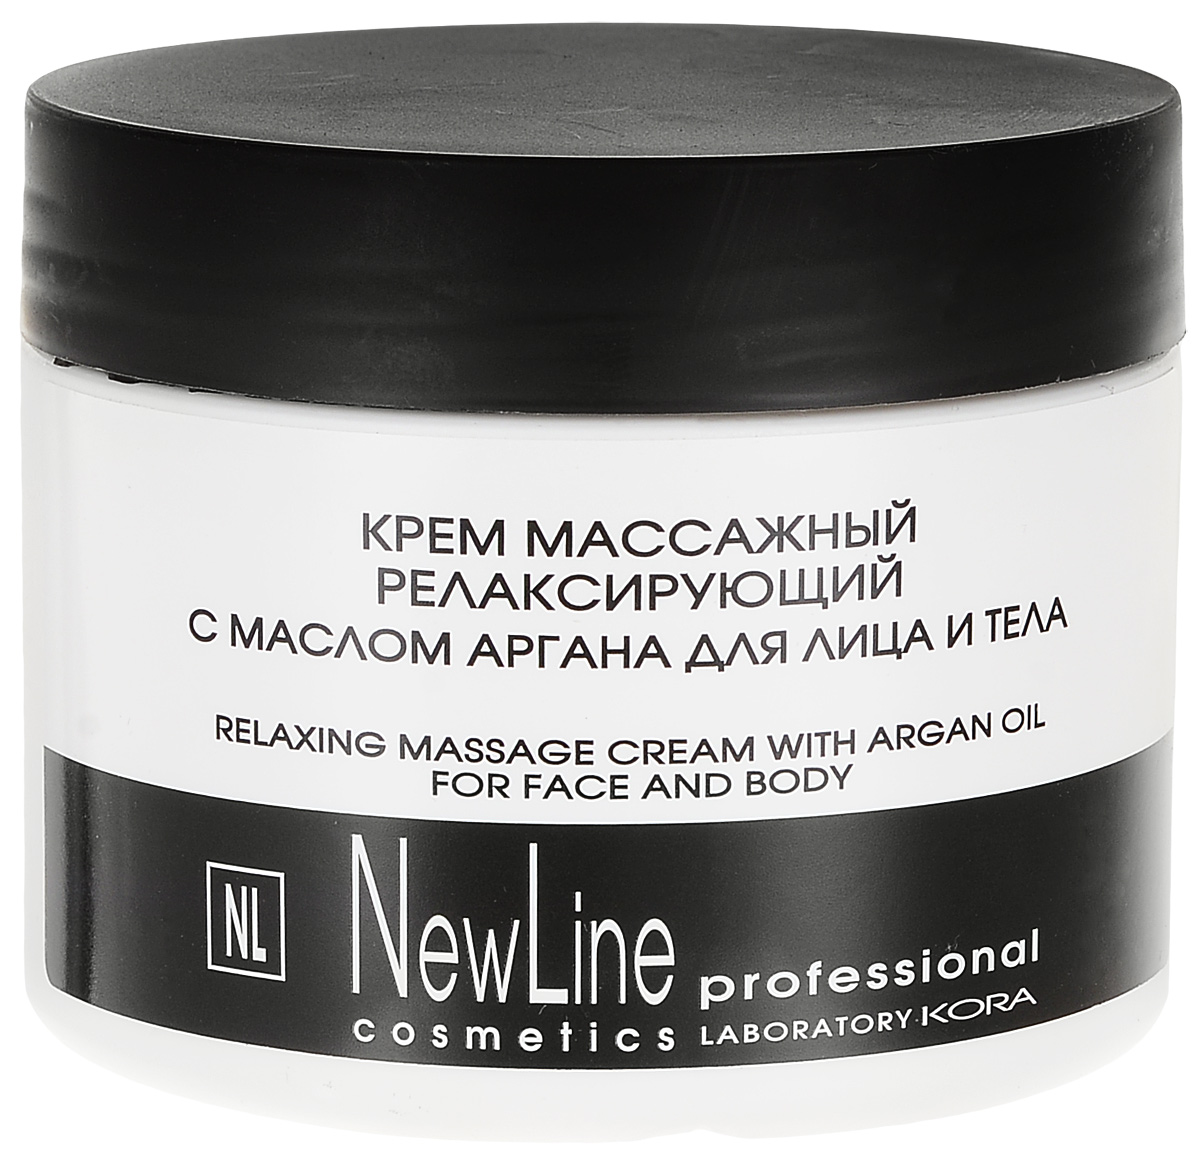 New Line Крем массажный релаксирующий с маслом аргана (с дозатором), 300 мл24804Предназначен для профессионального массажа лица и тела. Оказывает успокаивающее, увлажняющее действие, питает и смягчает кожу, делает ее более эластичной, не закупоривает поры. Оптимальная формула для чувствительной кожи.Обладает выраженными скользящими свойства-ми, что позволяет провести полноценный и комфортный массаж.